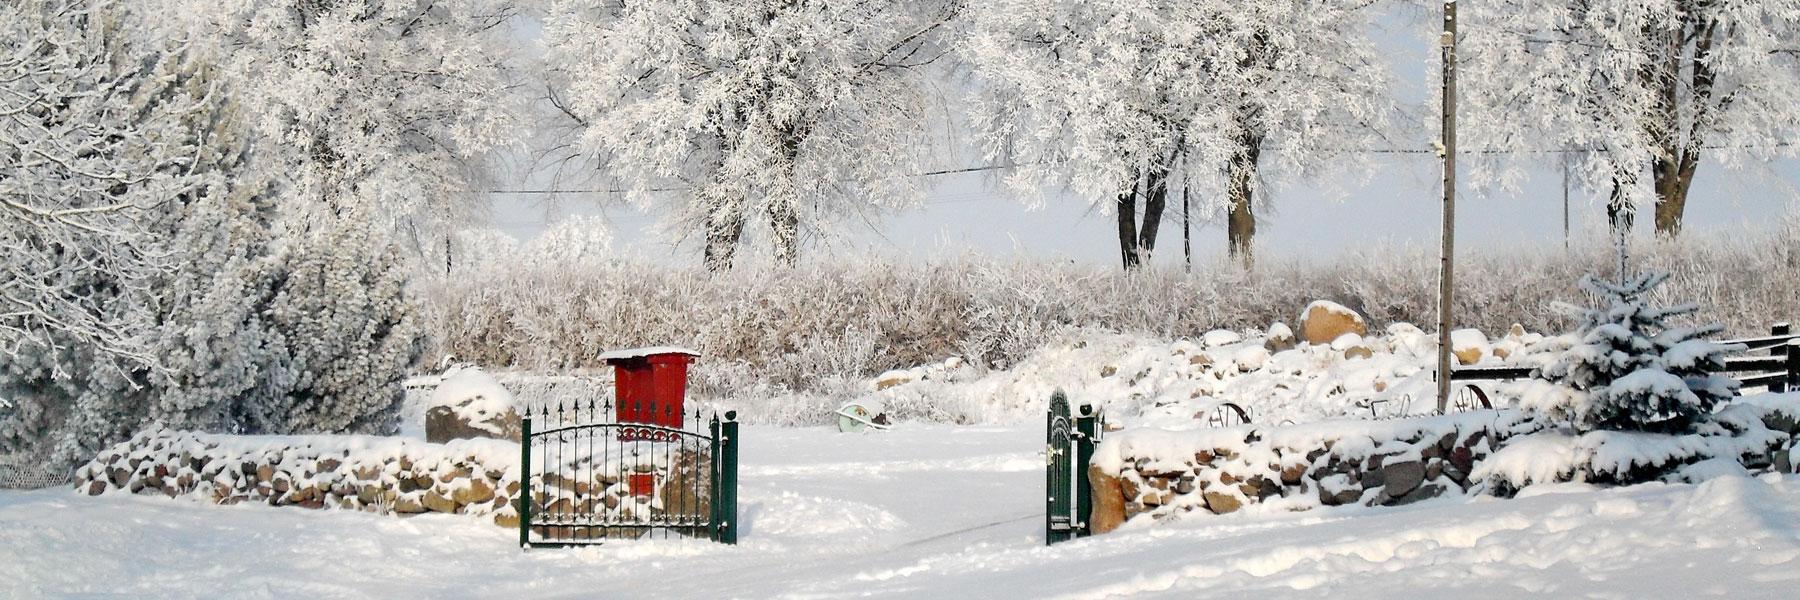 Winteridylle - Ferien- und Bauernhof Diederichs